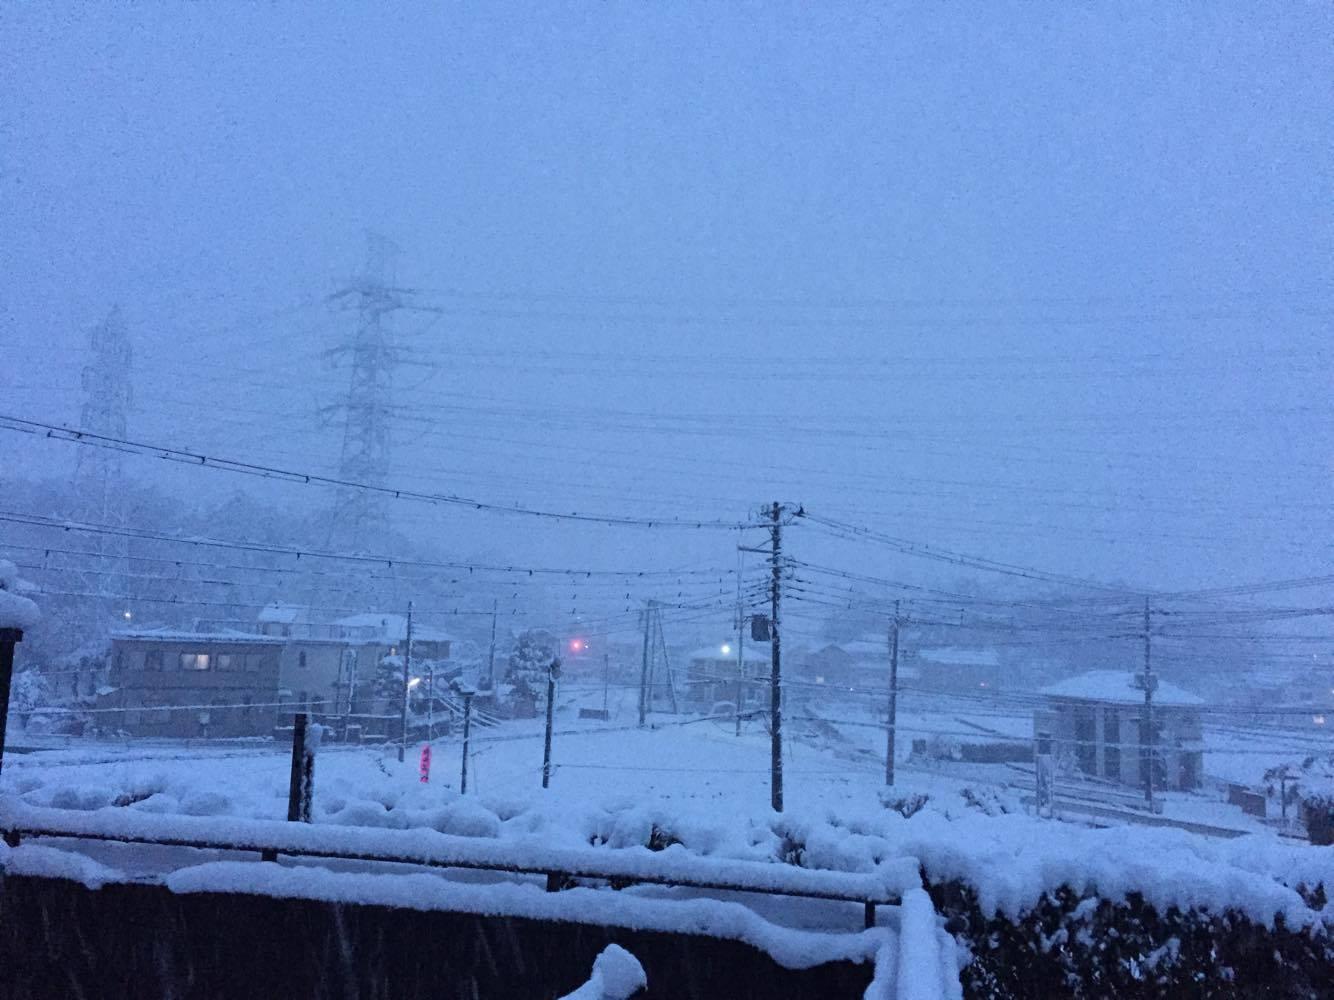 狭山市沢の雪2016 アイサヤマ